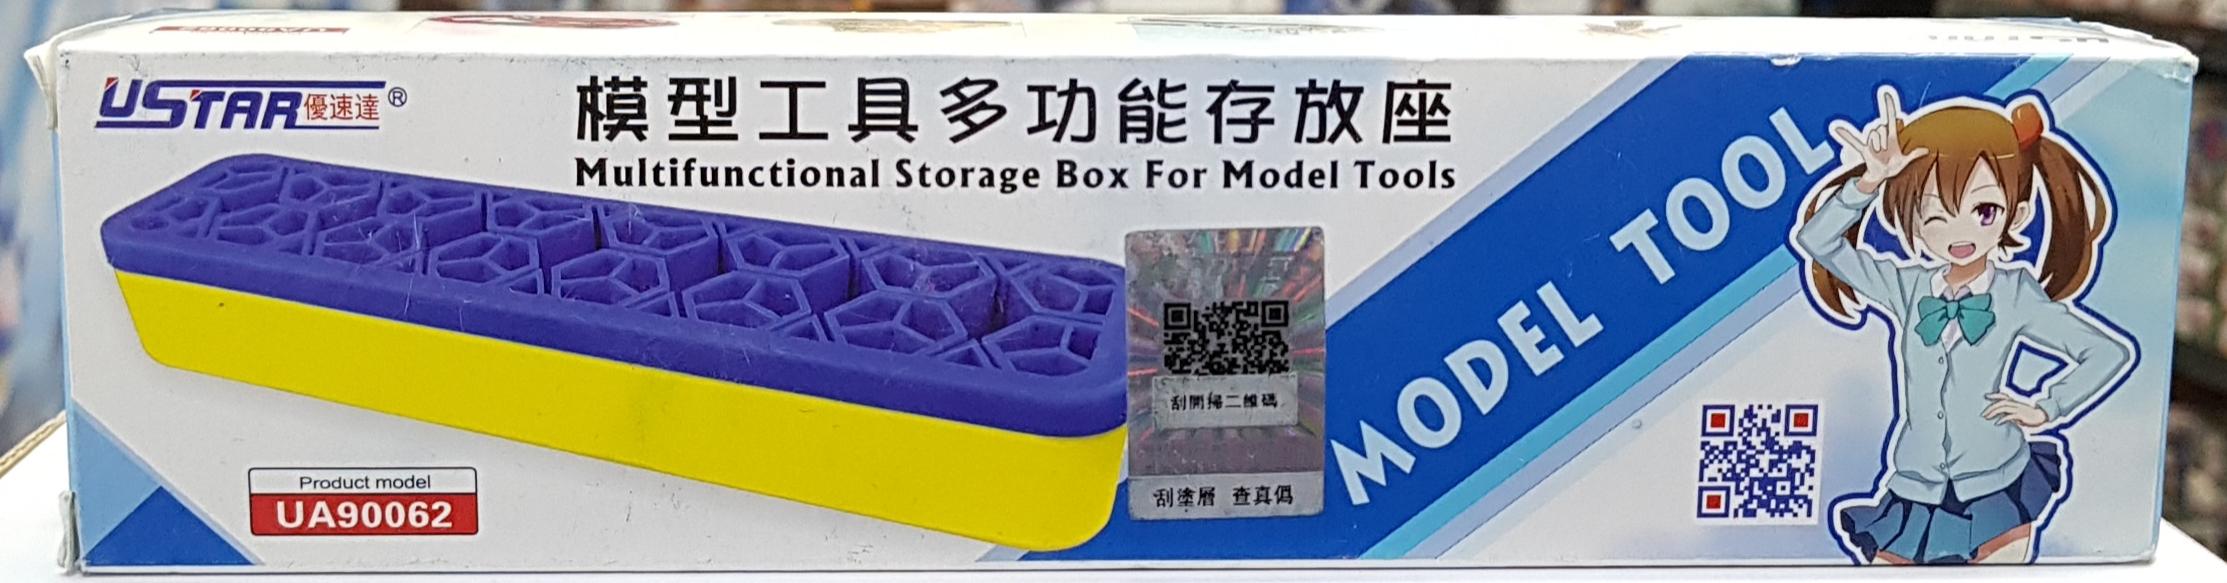 Multi-function ToolBox U-STAR UA-90062